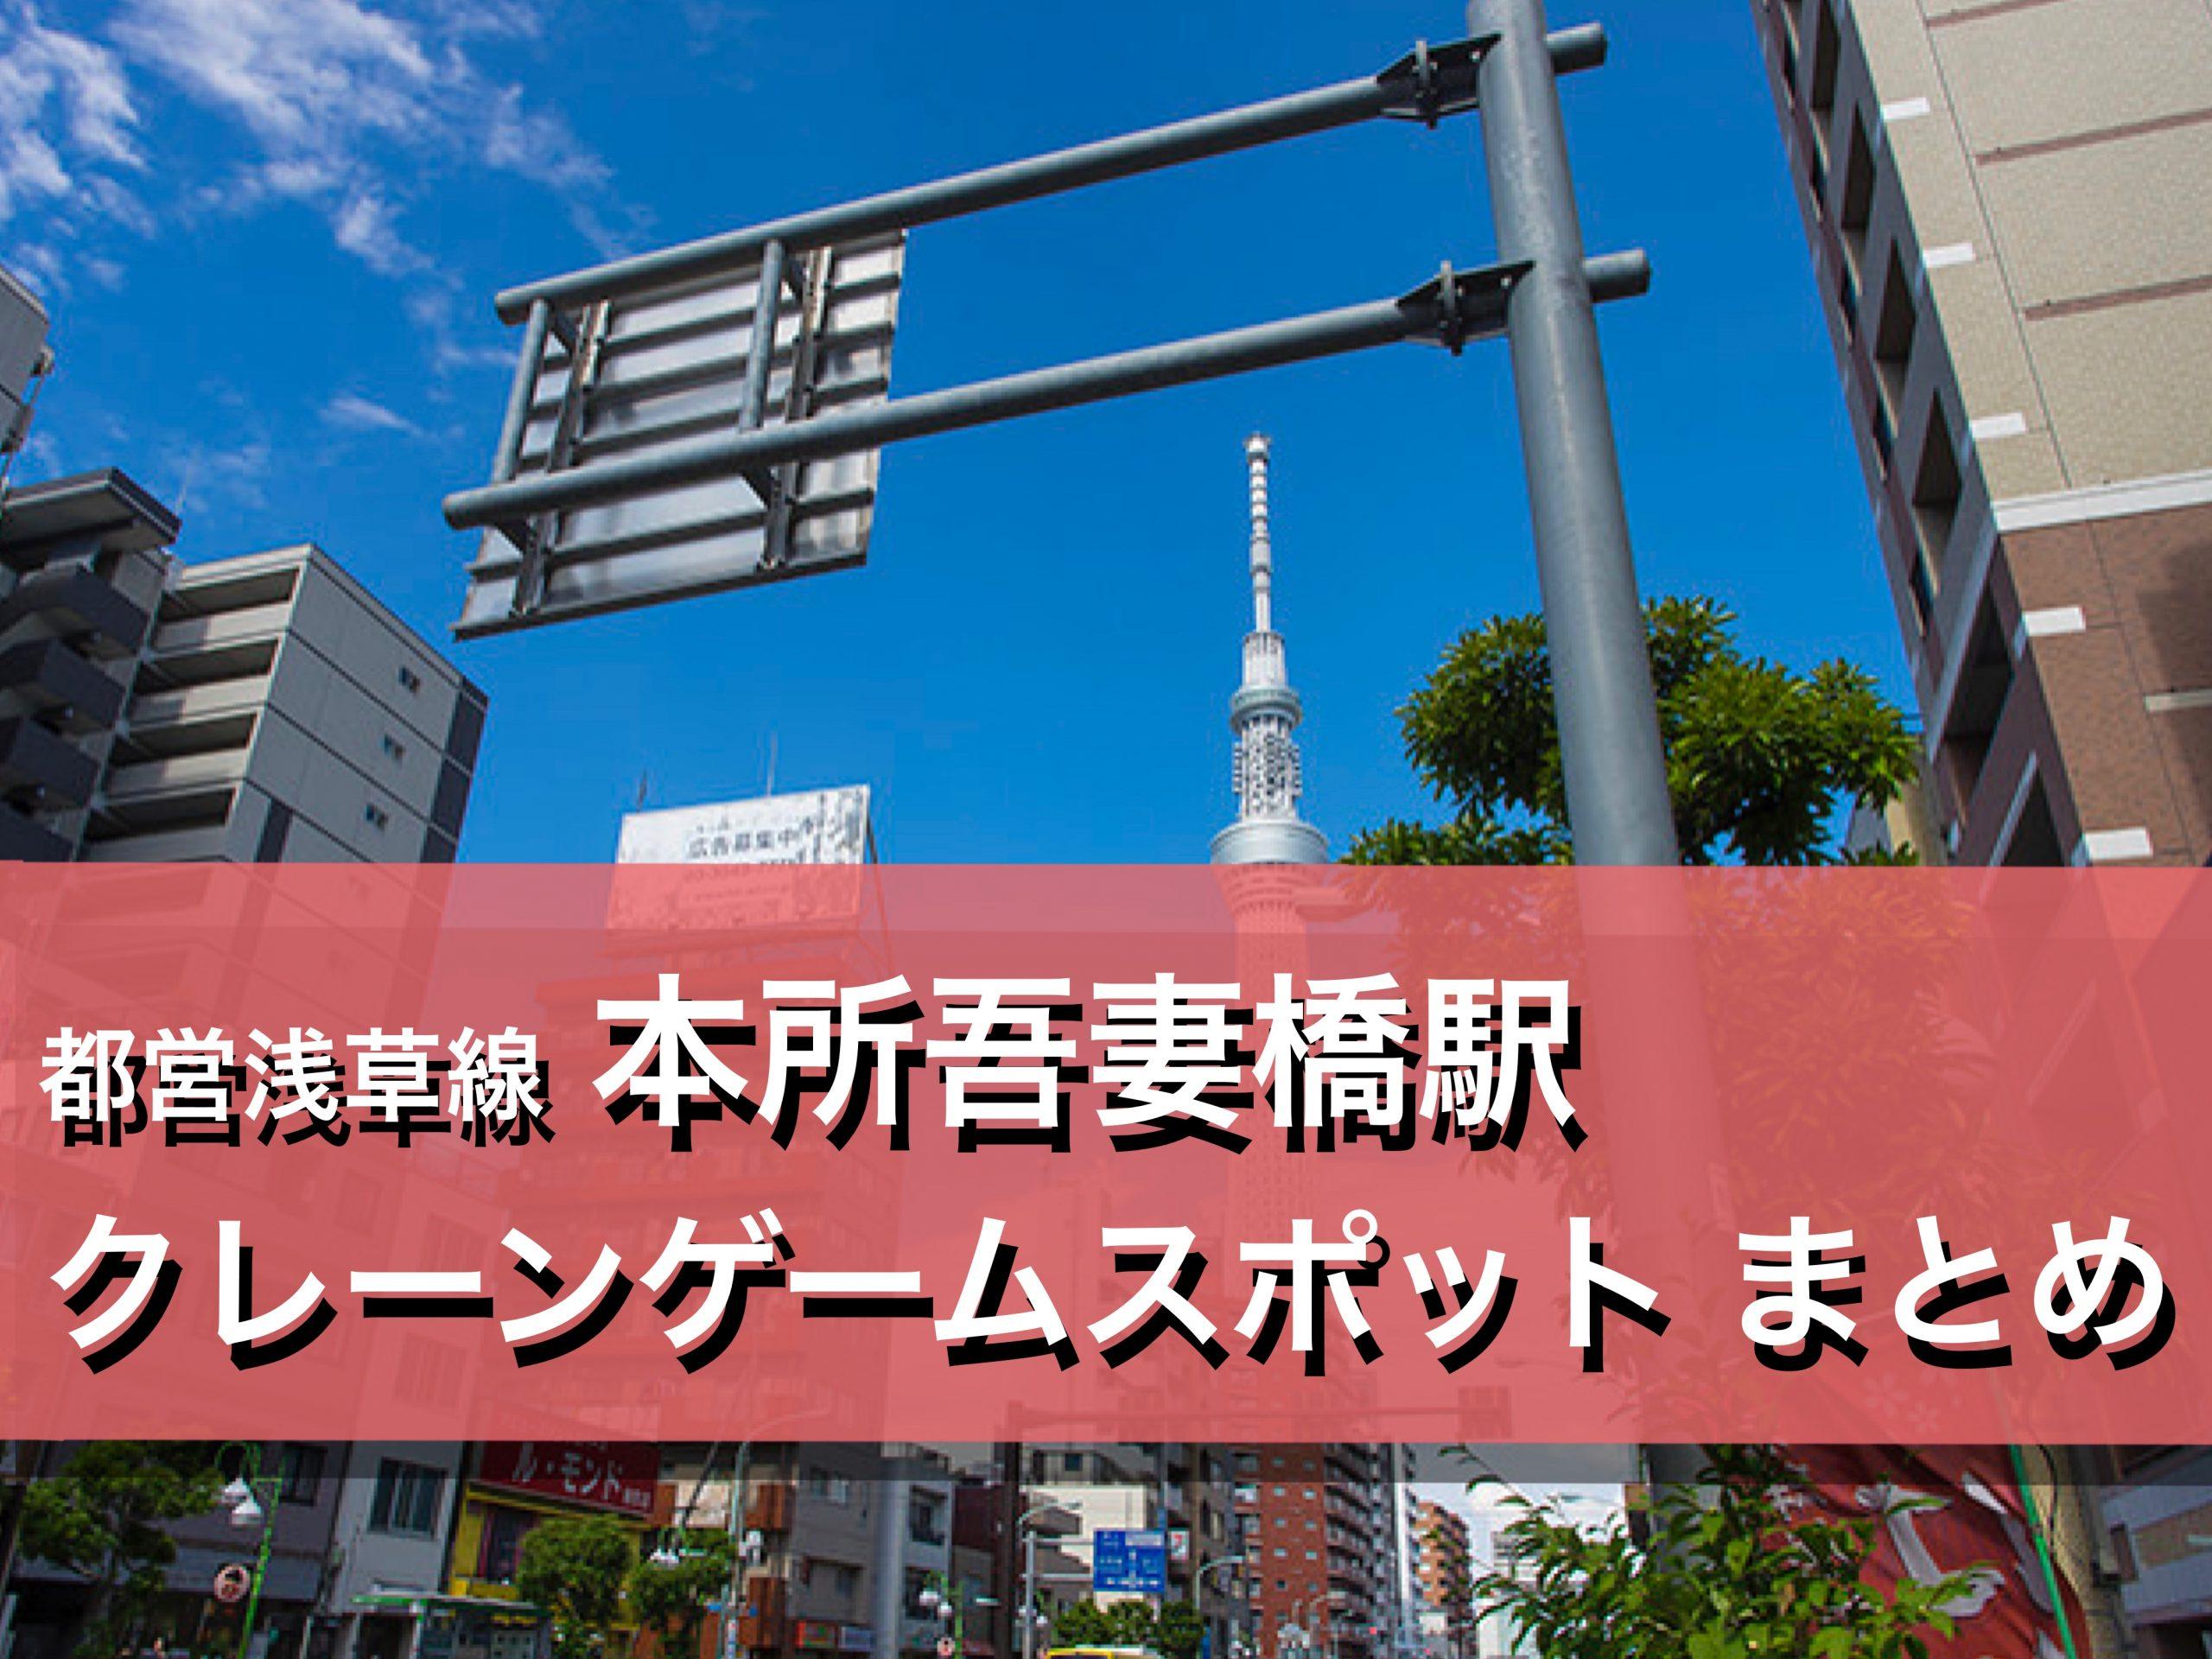 【本所吾妻橋駅】クレーンゲームができる場所